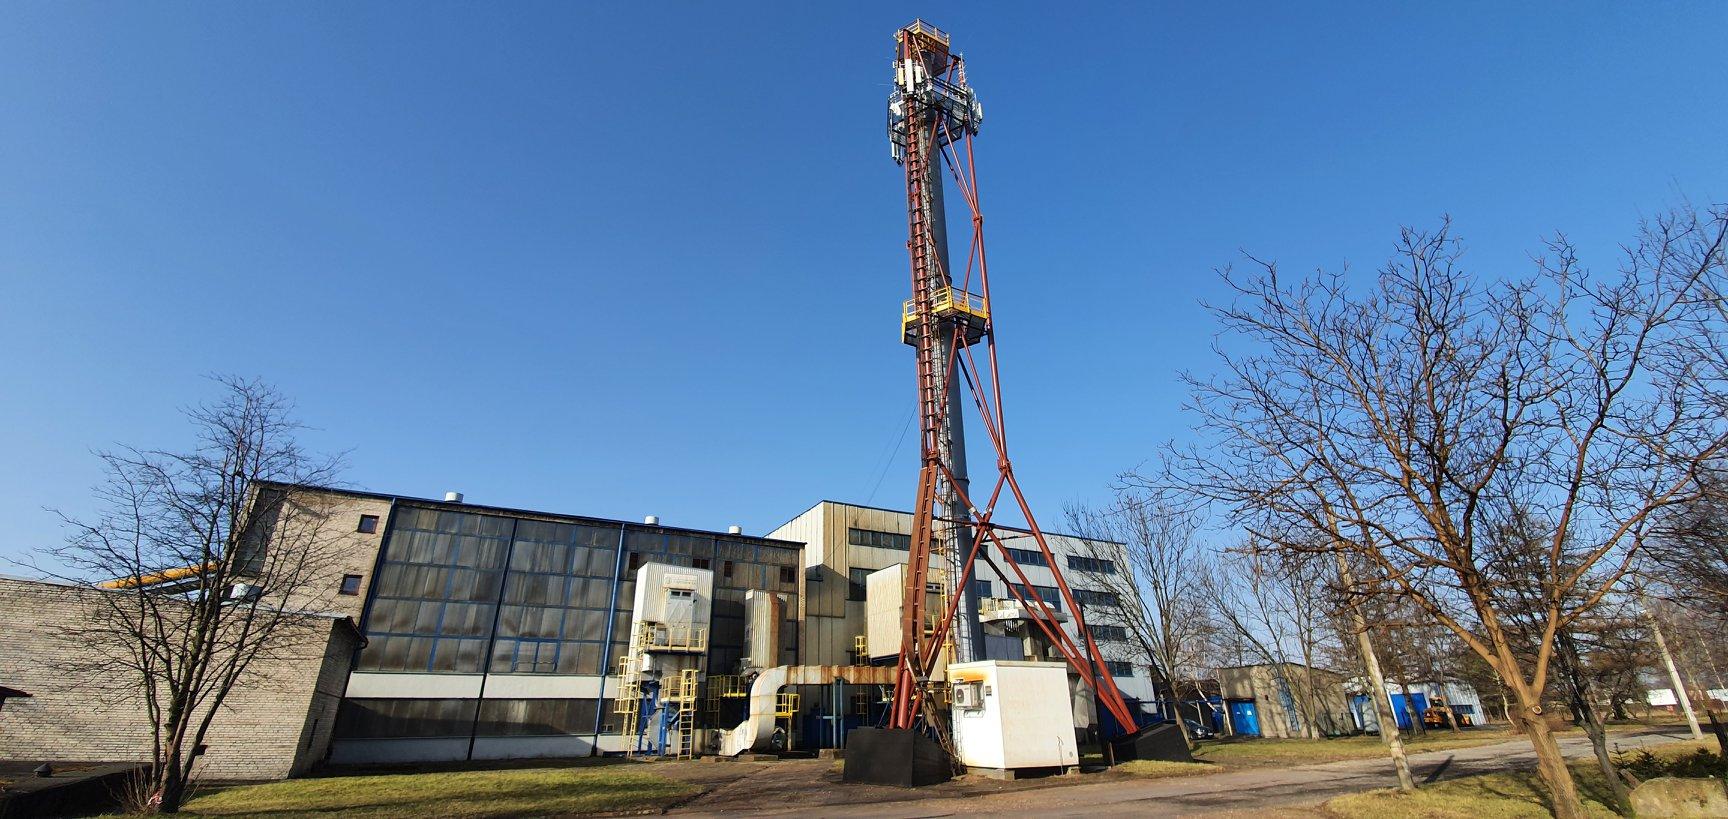 Nowy komin i modernizacja kotłowni. Kończy się remont w Termowadzie